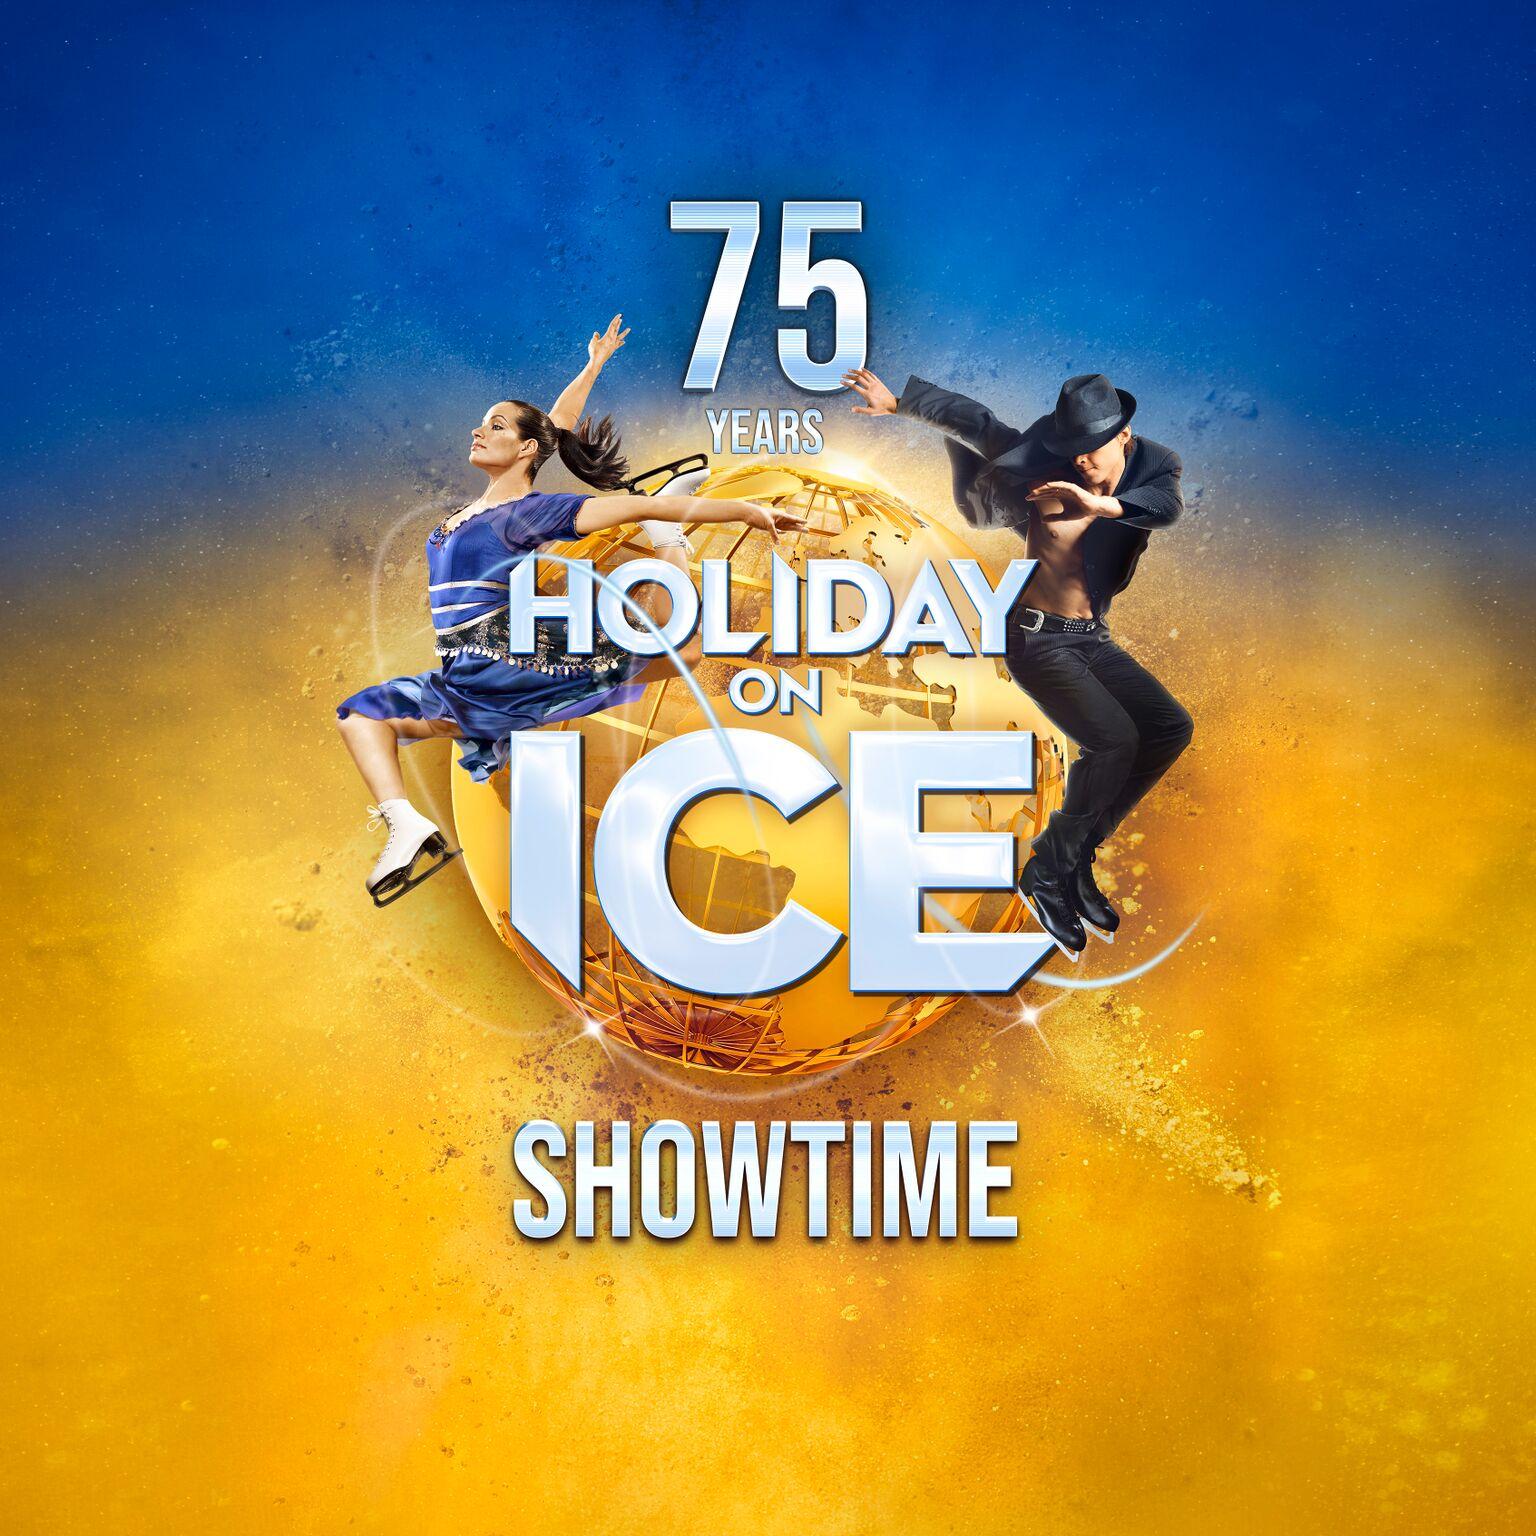 Holiday on Ice - bis zu 20% für Vollzahler